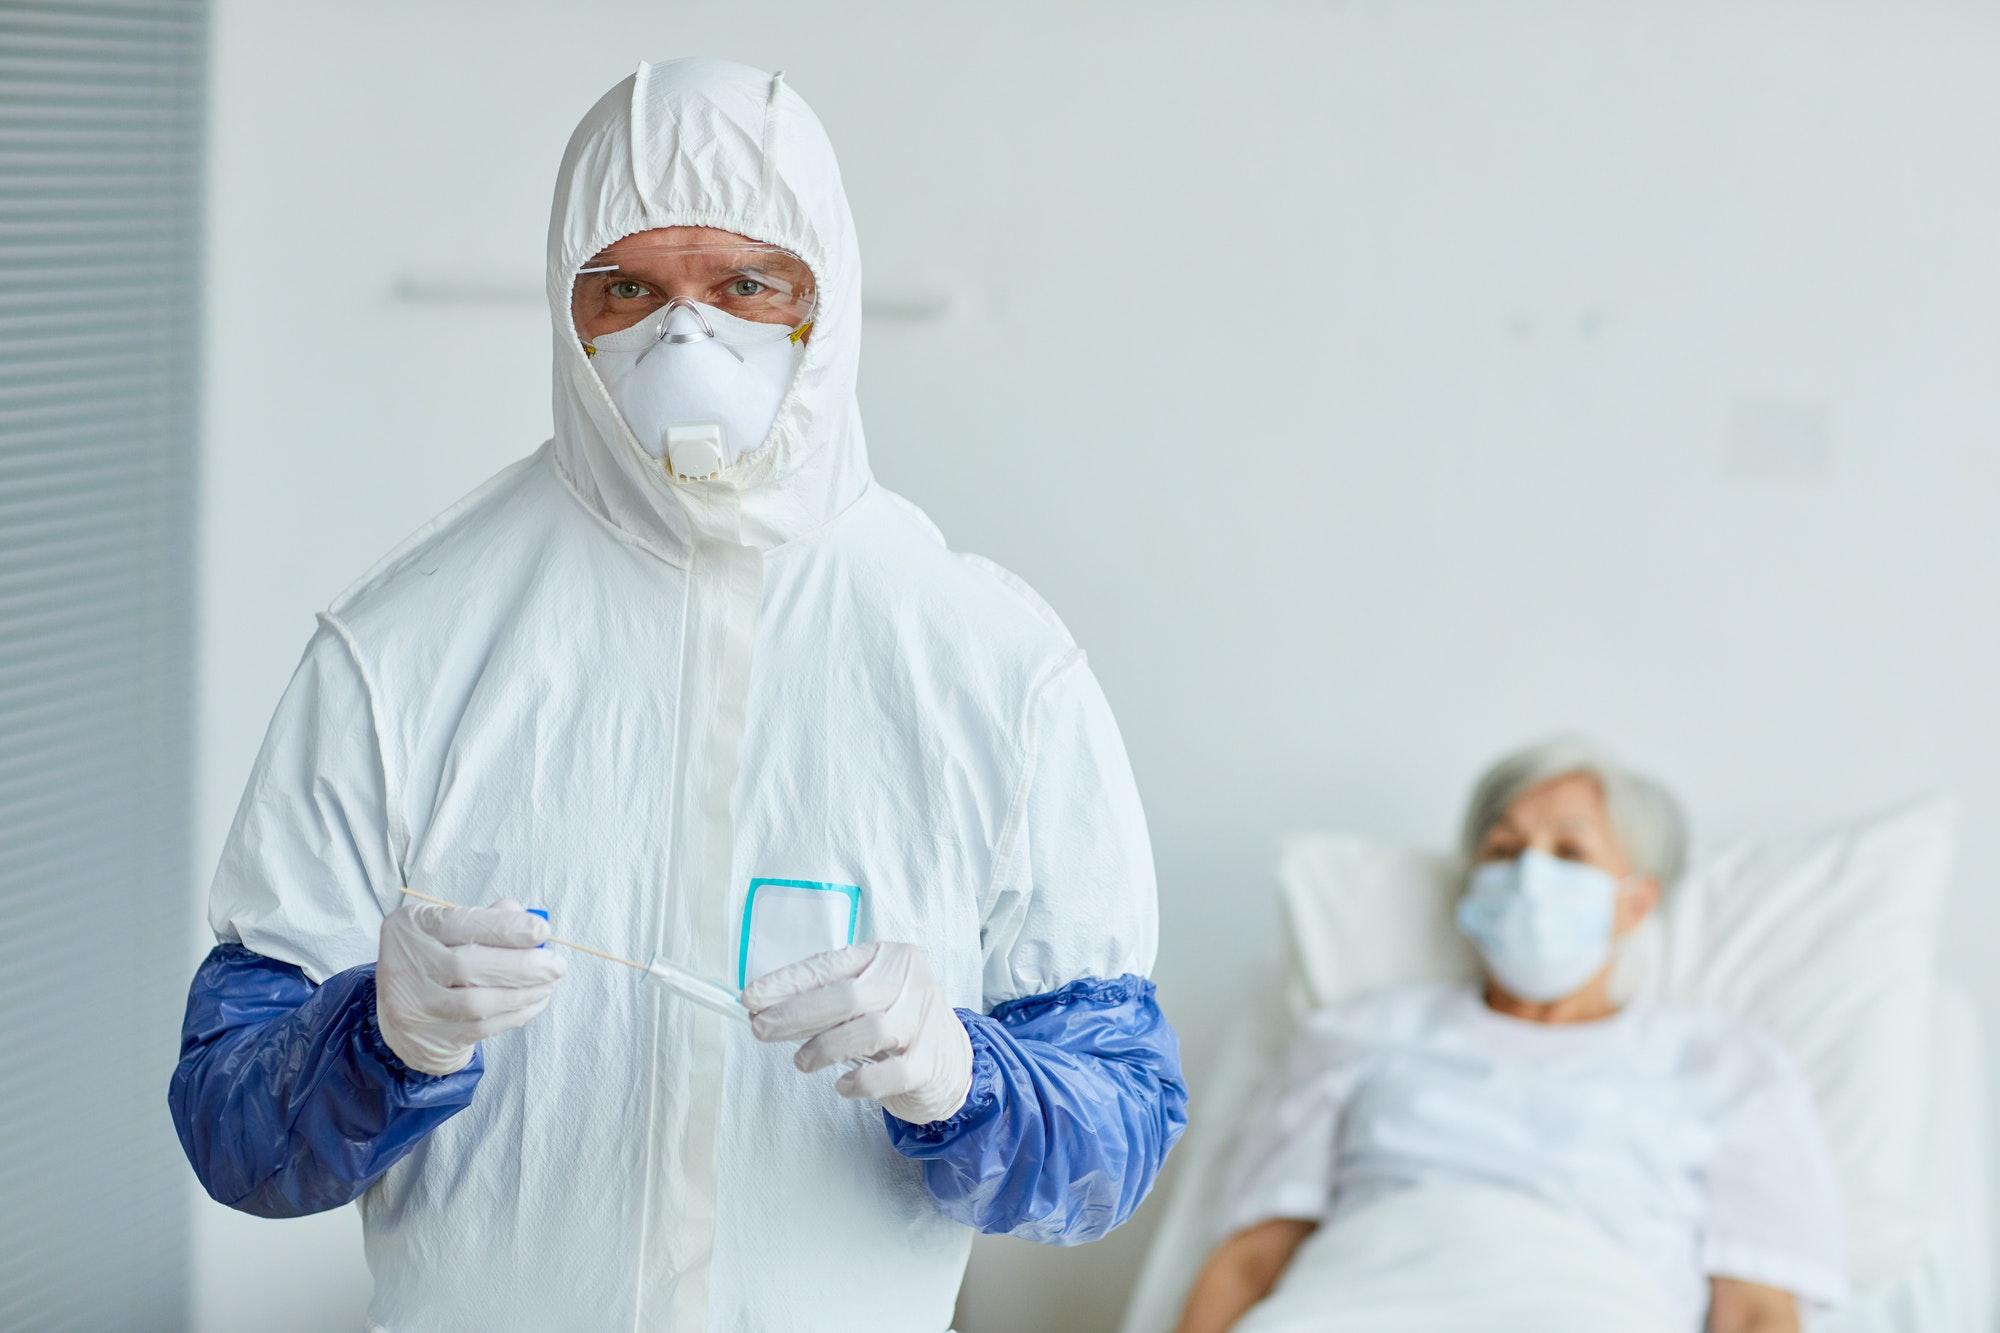 Coronavirus in Abruzzo, positivi a 25445. Rispetto a ieri si registrano623 nuovi casi